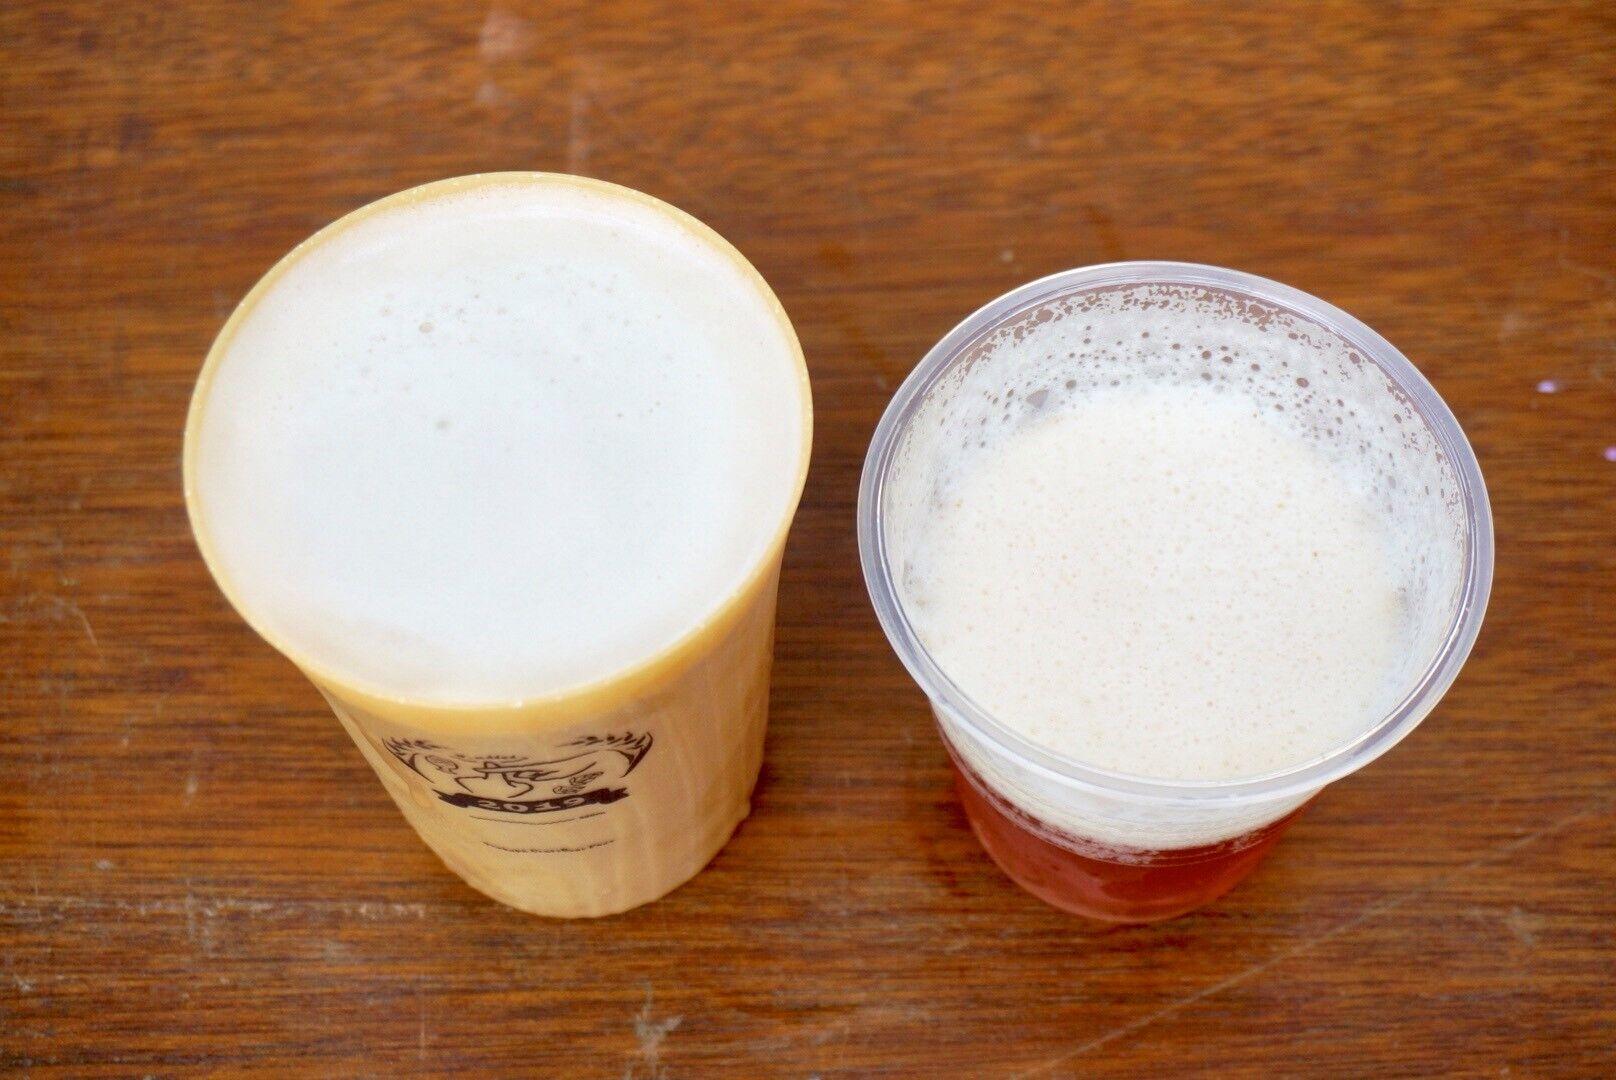 注いでから10分弱経過したビール(左:「森のタンブラー」、右:通常のプラスチックカップ)